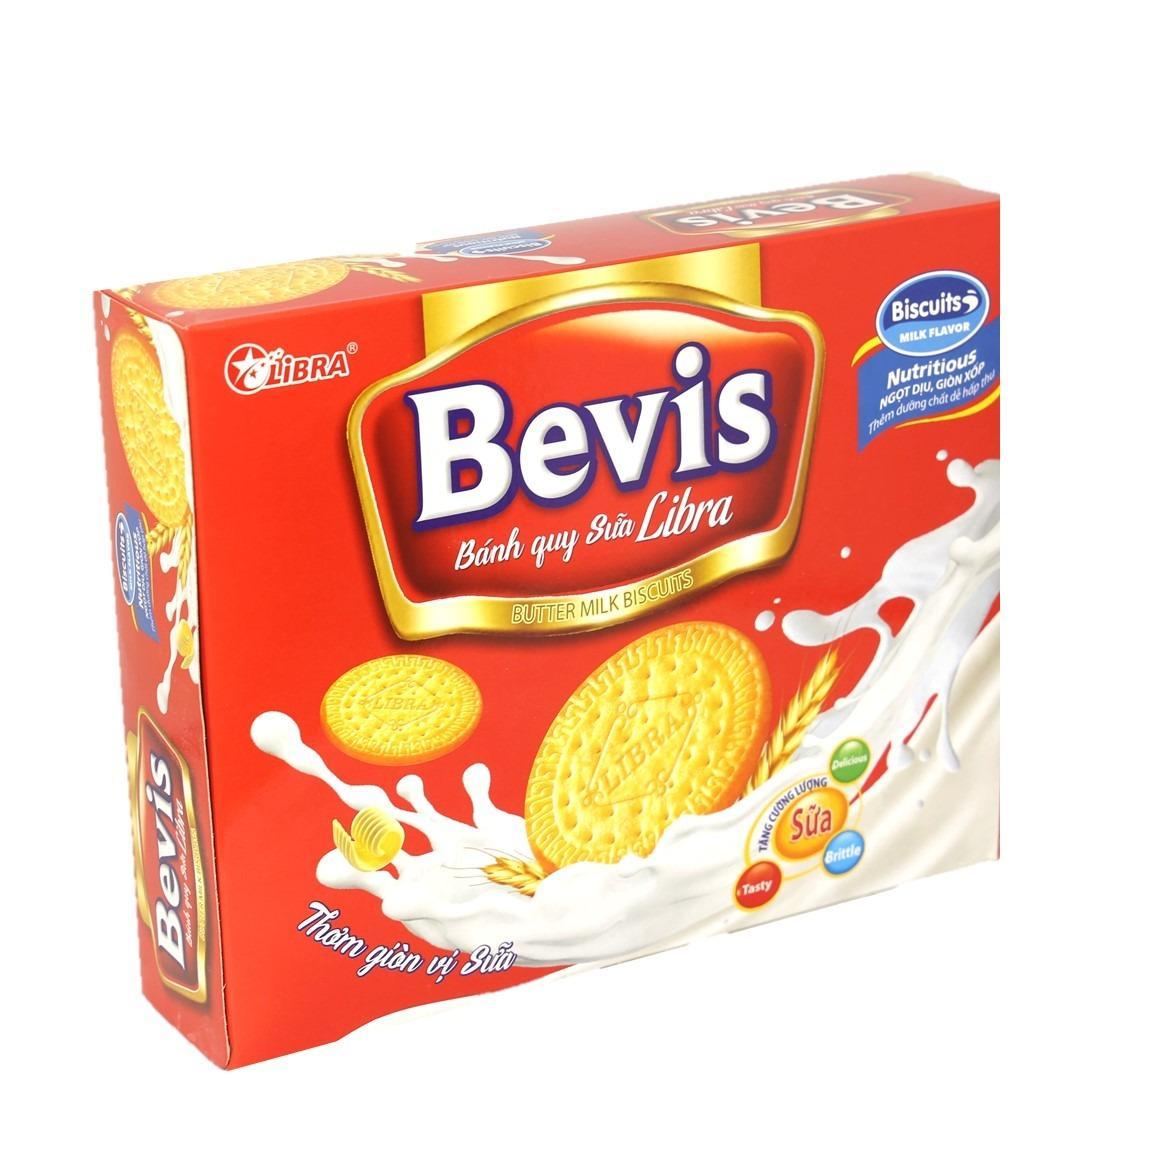 Giảm giá Bánh quy sữa Bevis Biscuits 280g